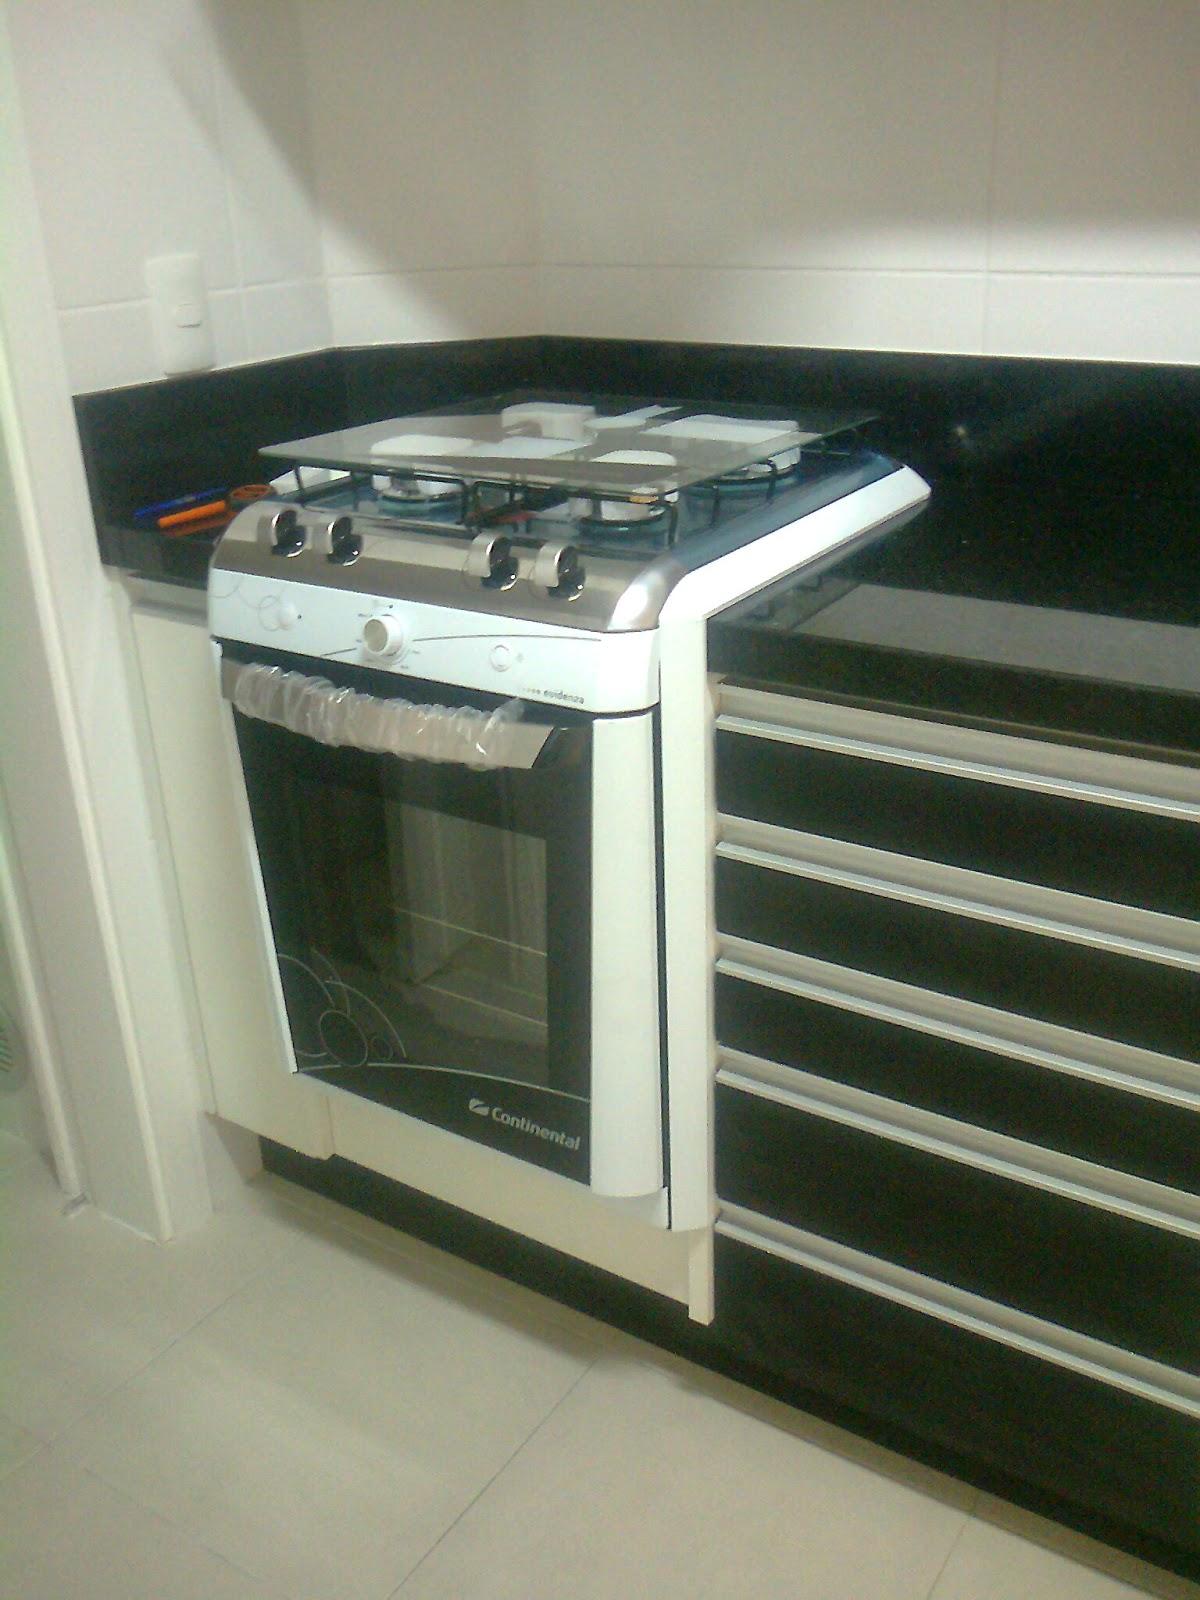 #604B33  móveis sob medidas: Cozinha com fogão de embutir e passa prato 1200x1600 px Projetos De Cozinha Com Passa Prato #267 imagens